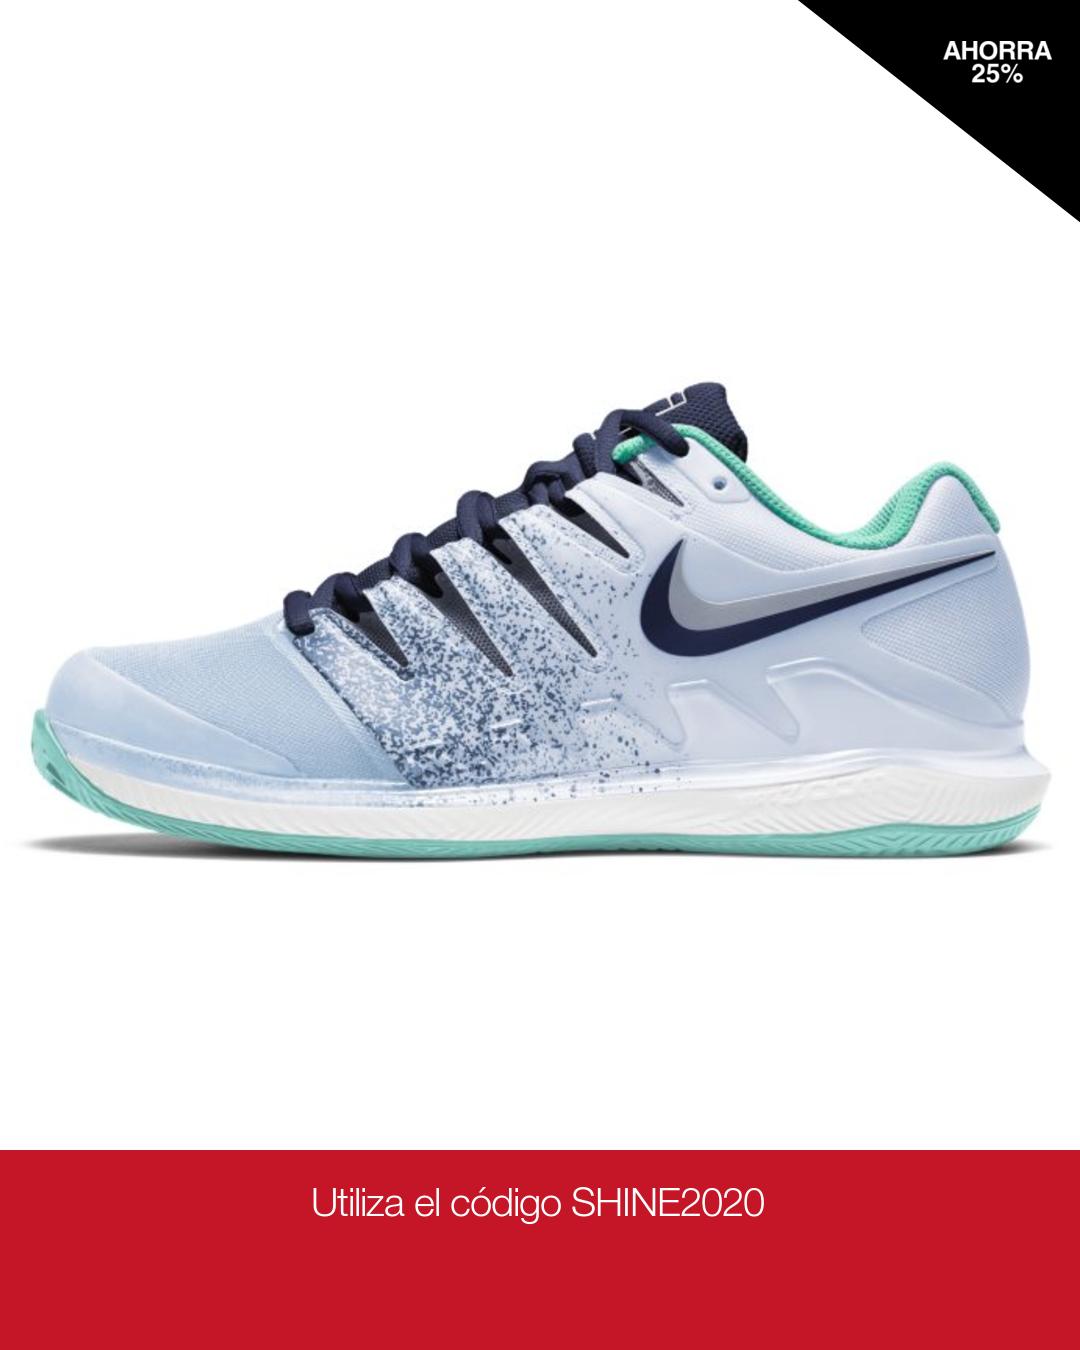 Nikecourt Air Zoom Vapor X Zapatillas De Tenis Para Tierra Batida Mujer Nike Es En 2020 Perfil Bajo Talones Batida